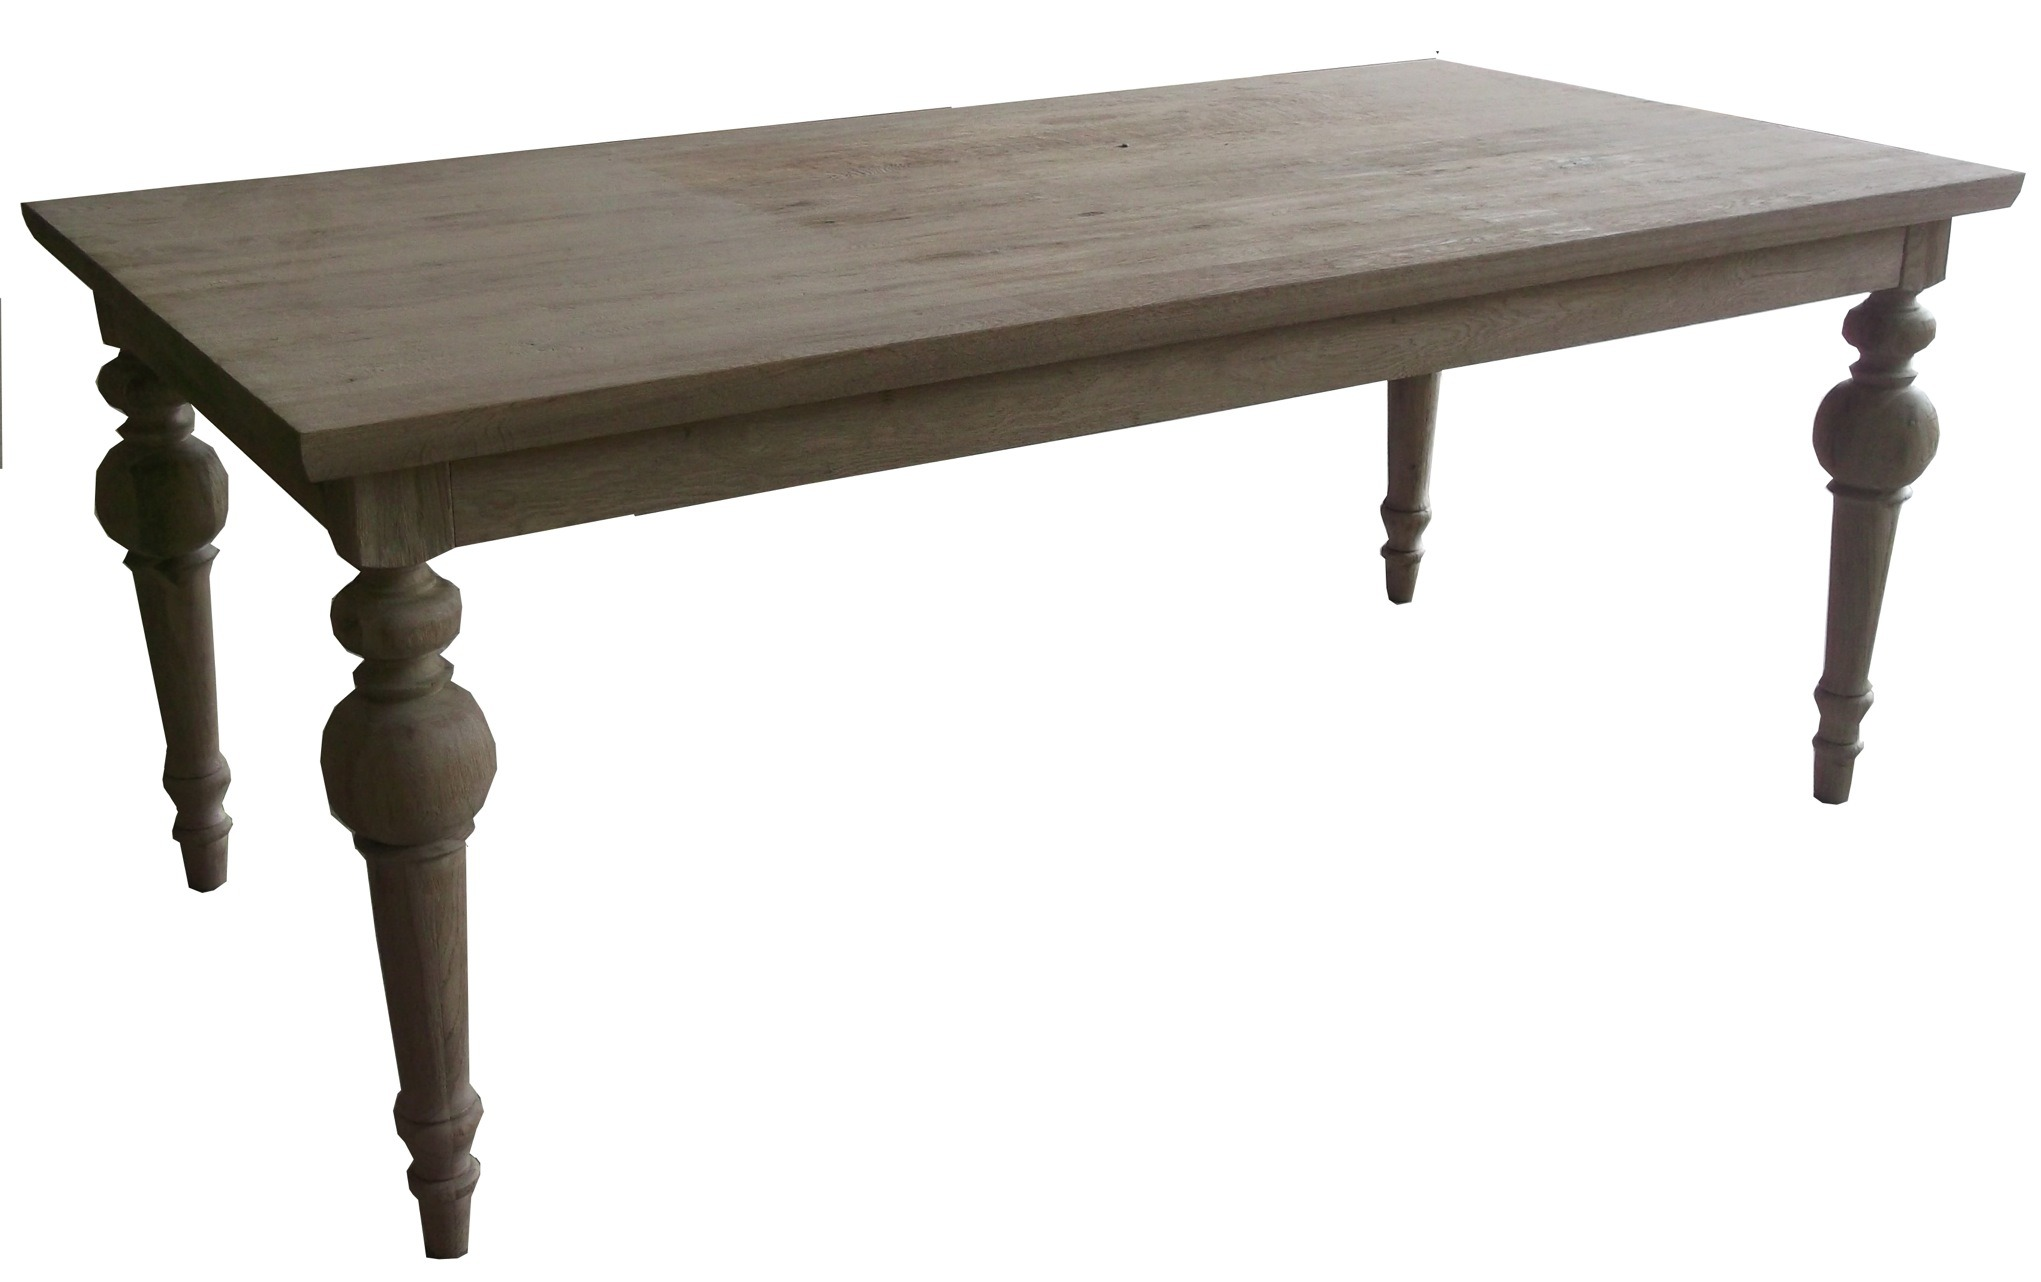 De Franse Antieke Vierkante Houten Eettafel van de Stijl (CZ 001)  u2013 De Franse Antieke Vierkante